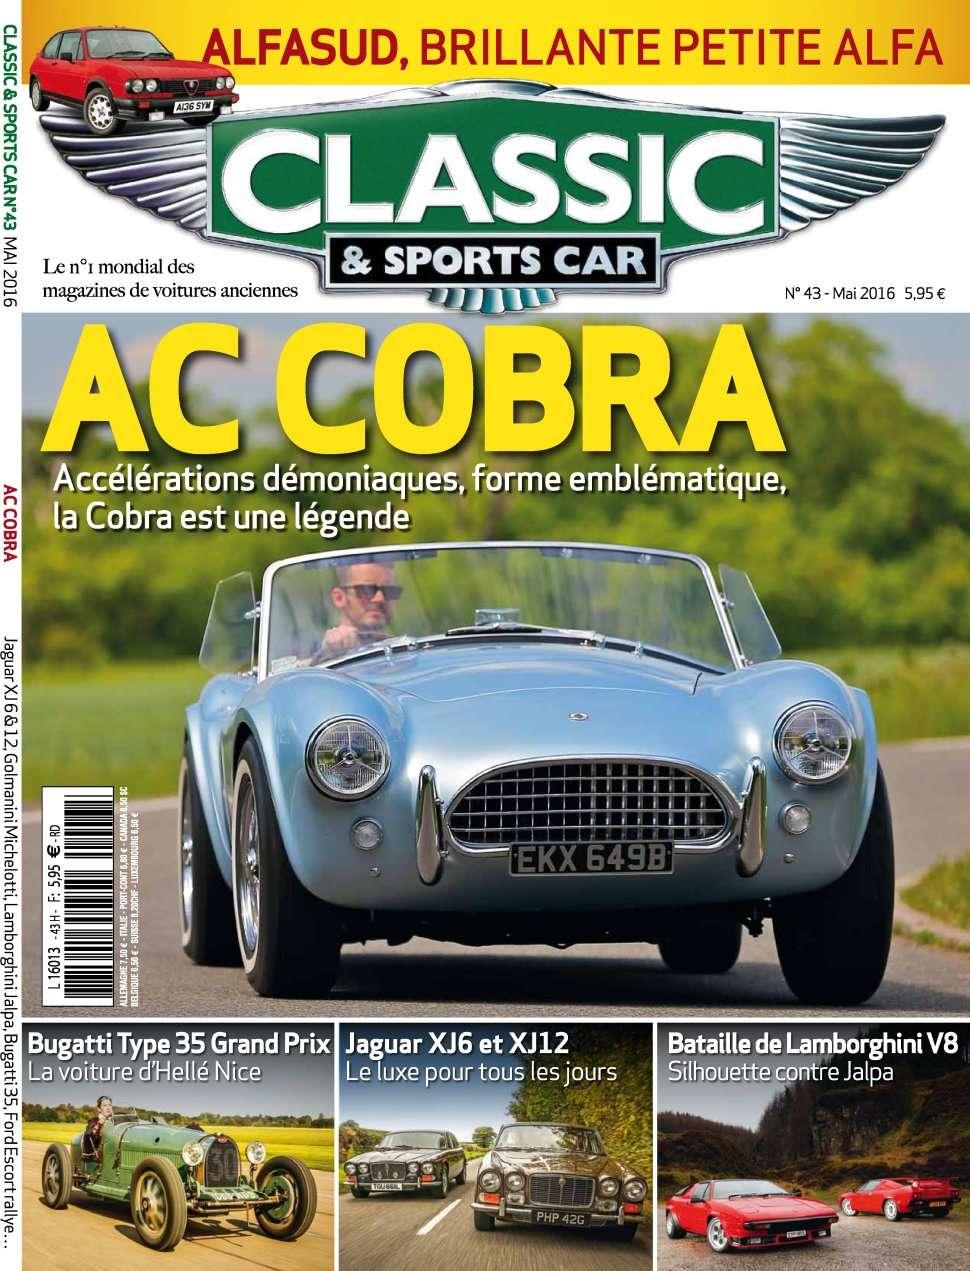 Classic & Sports Car 43 - Mai 2016